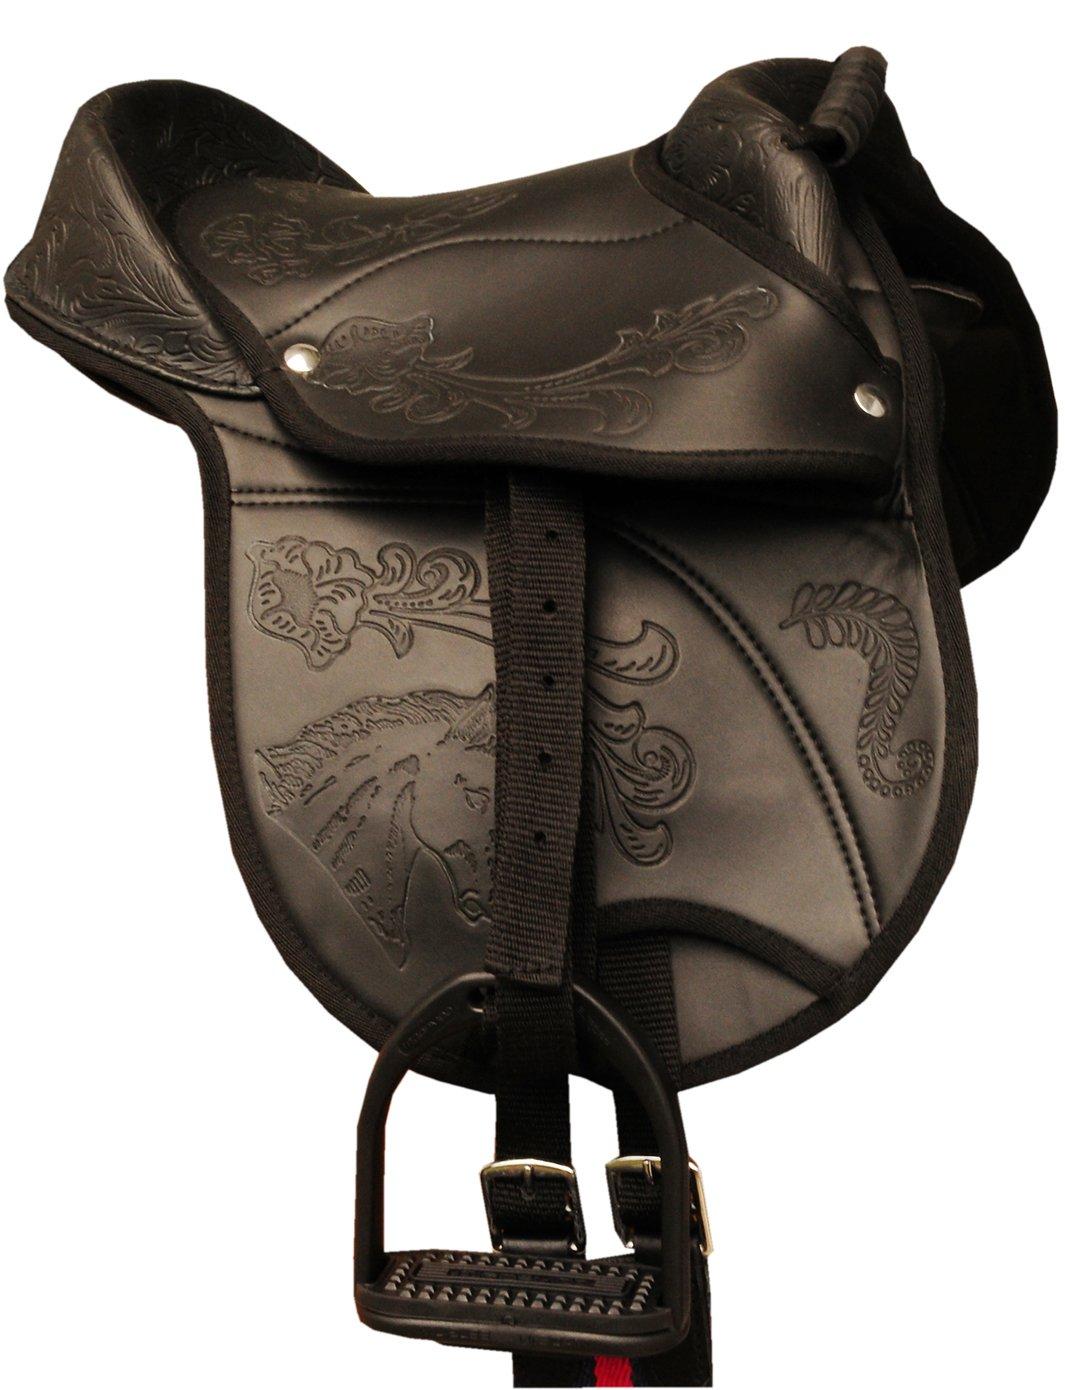 Reitsport Amesbichler AMKA Reitkissen Nevio Pony-SHETTY Sattel 10 komplettes Set mit Riemen, Gurt und Steigbügel auch…